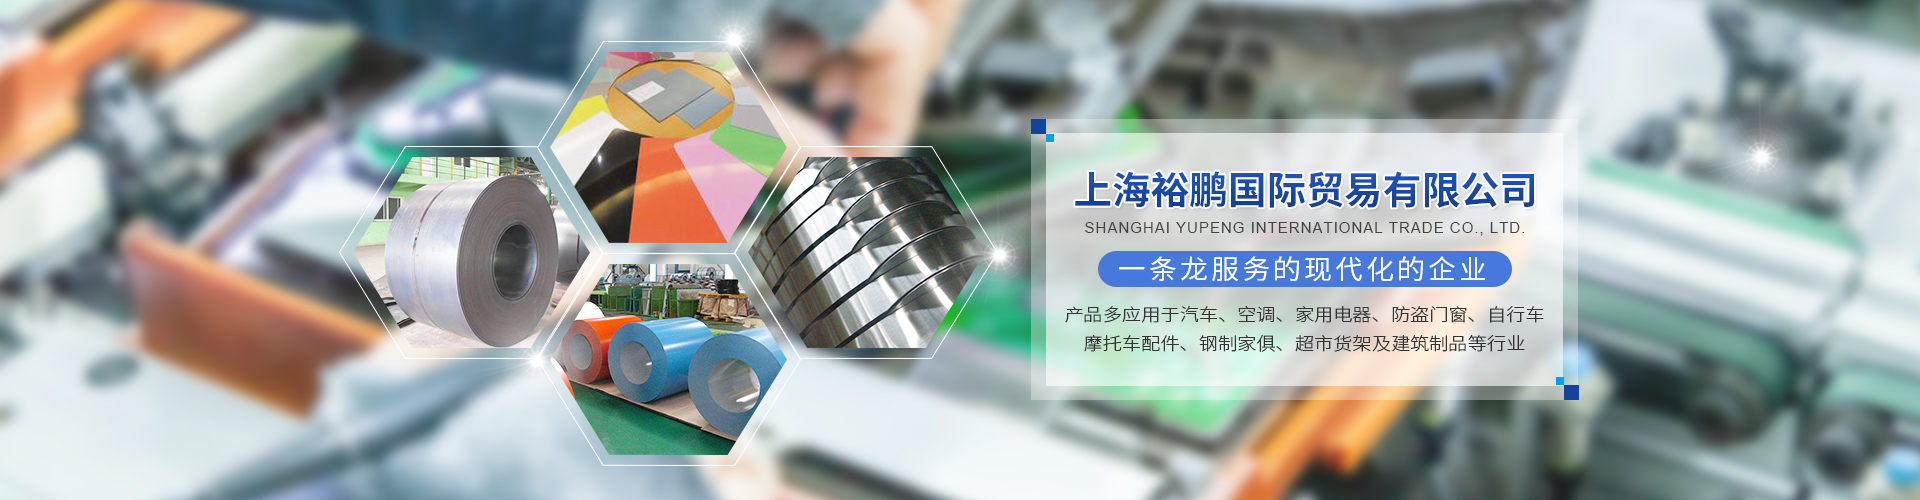 上海裕鹏国际贸易有限公司